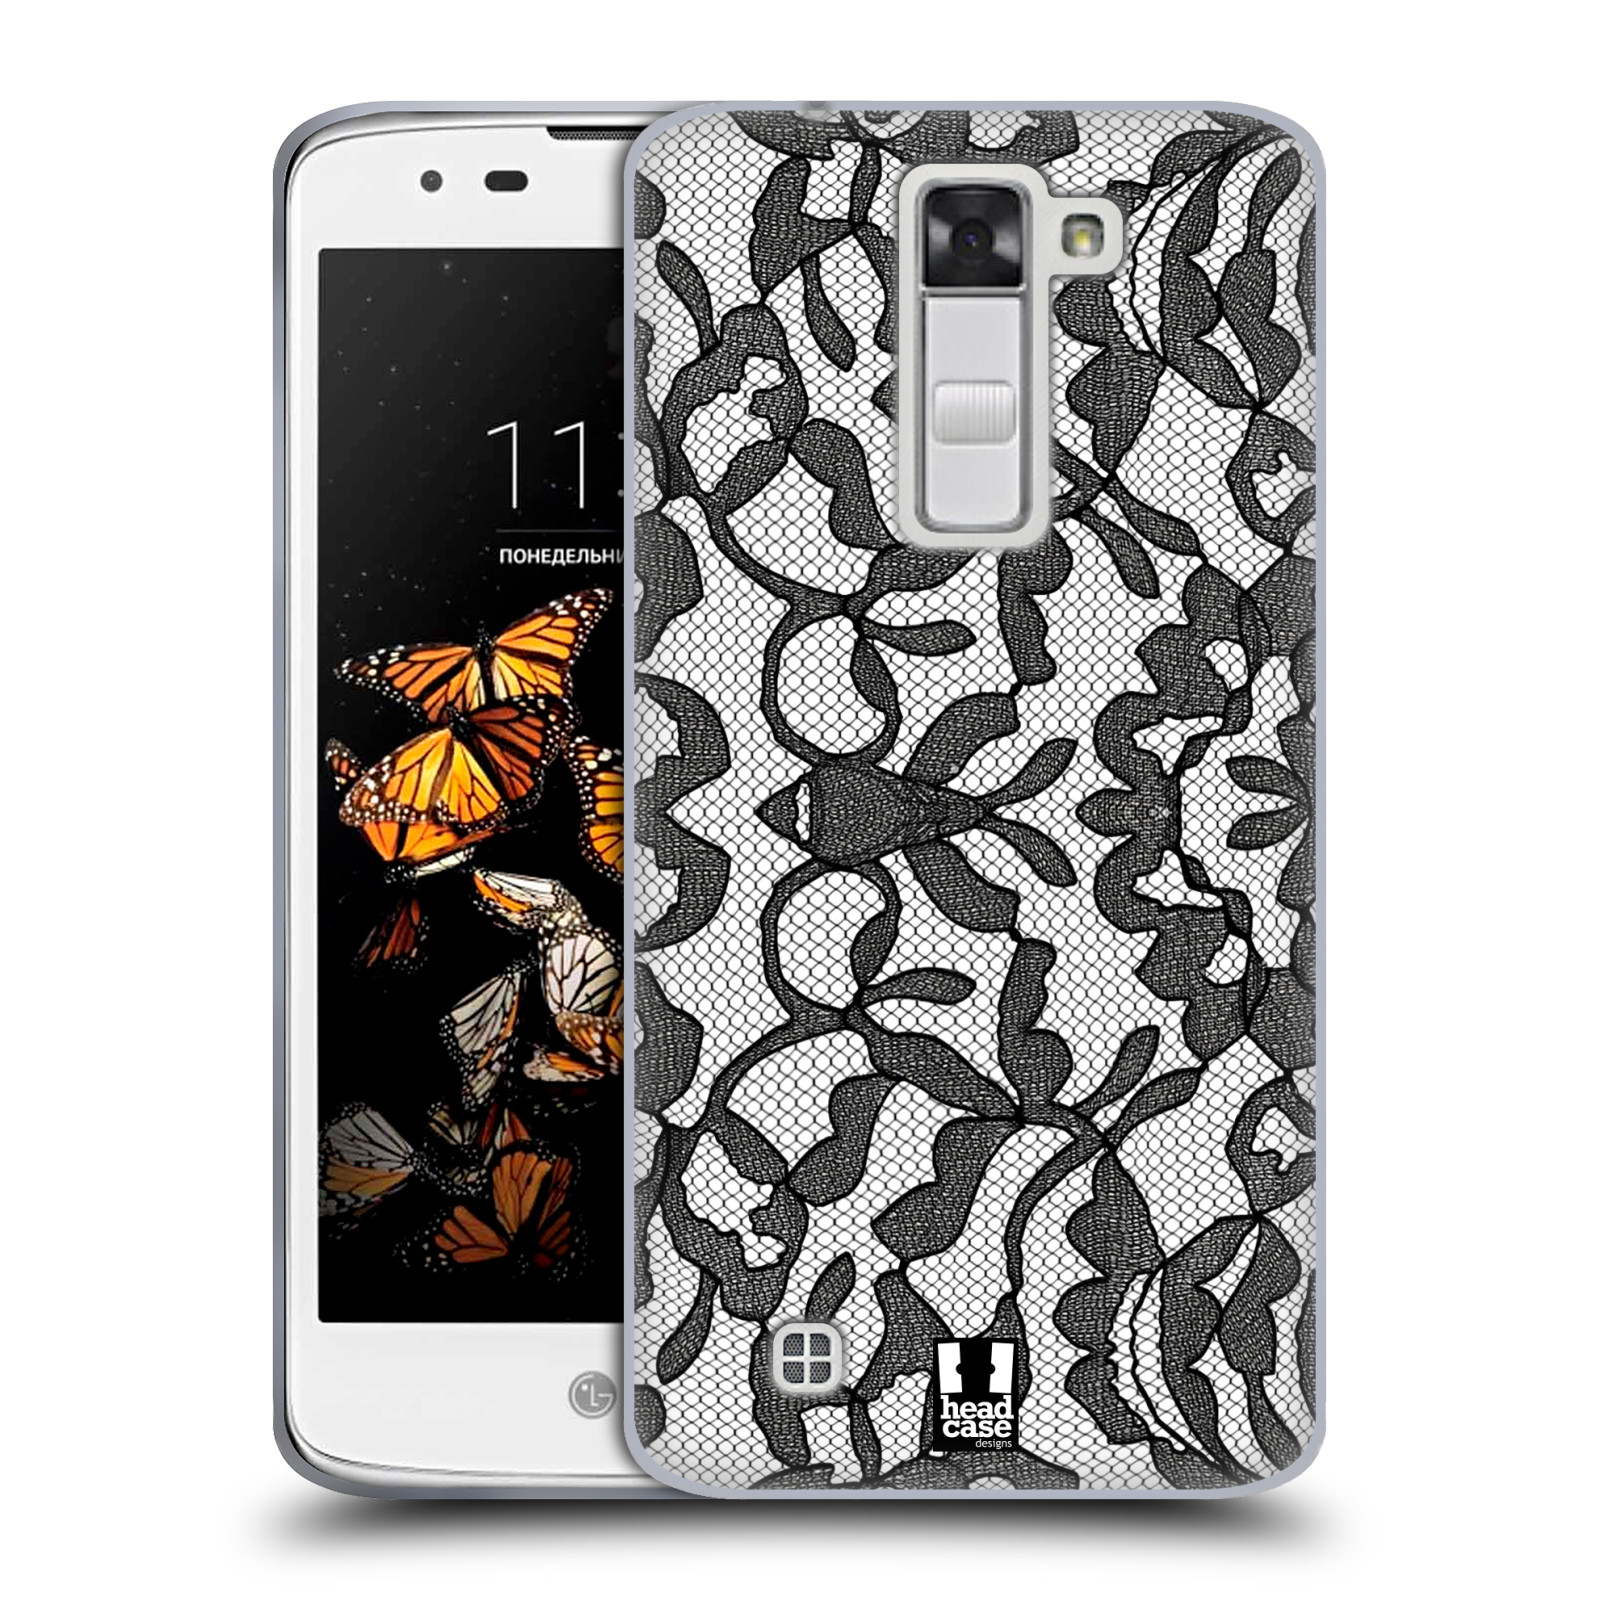 Silikonové pouzdro na mobil LG K8 HEAD CASE LEAFY KRAJKA (Silikonový kryt či obal na mobilní telefon LG K8 K350)